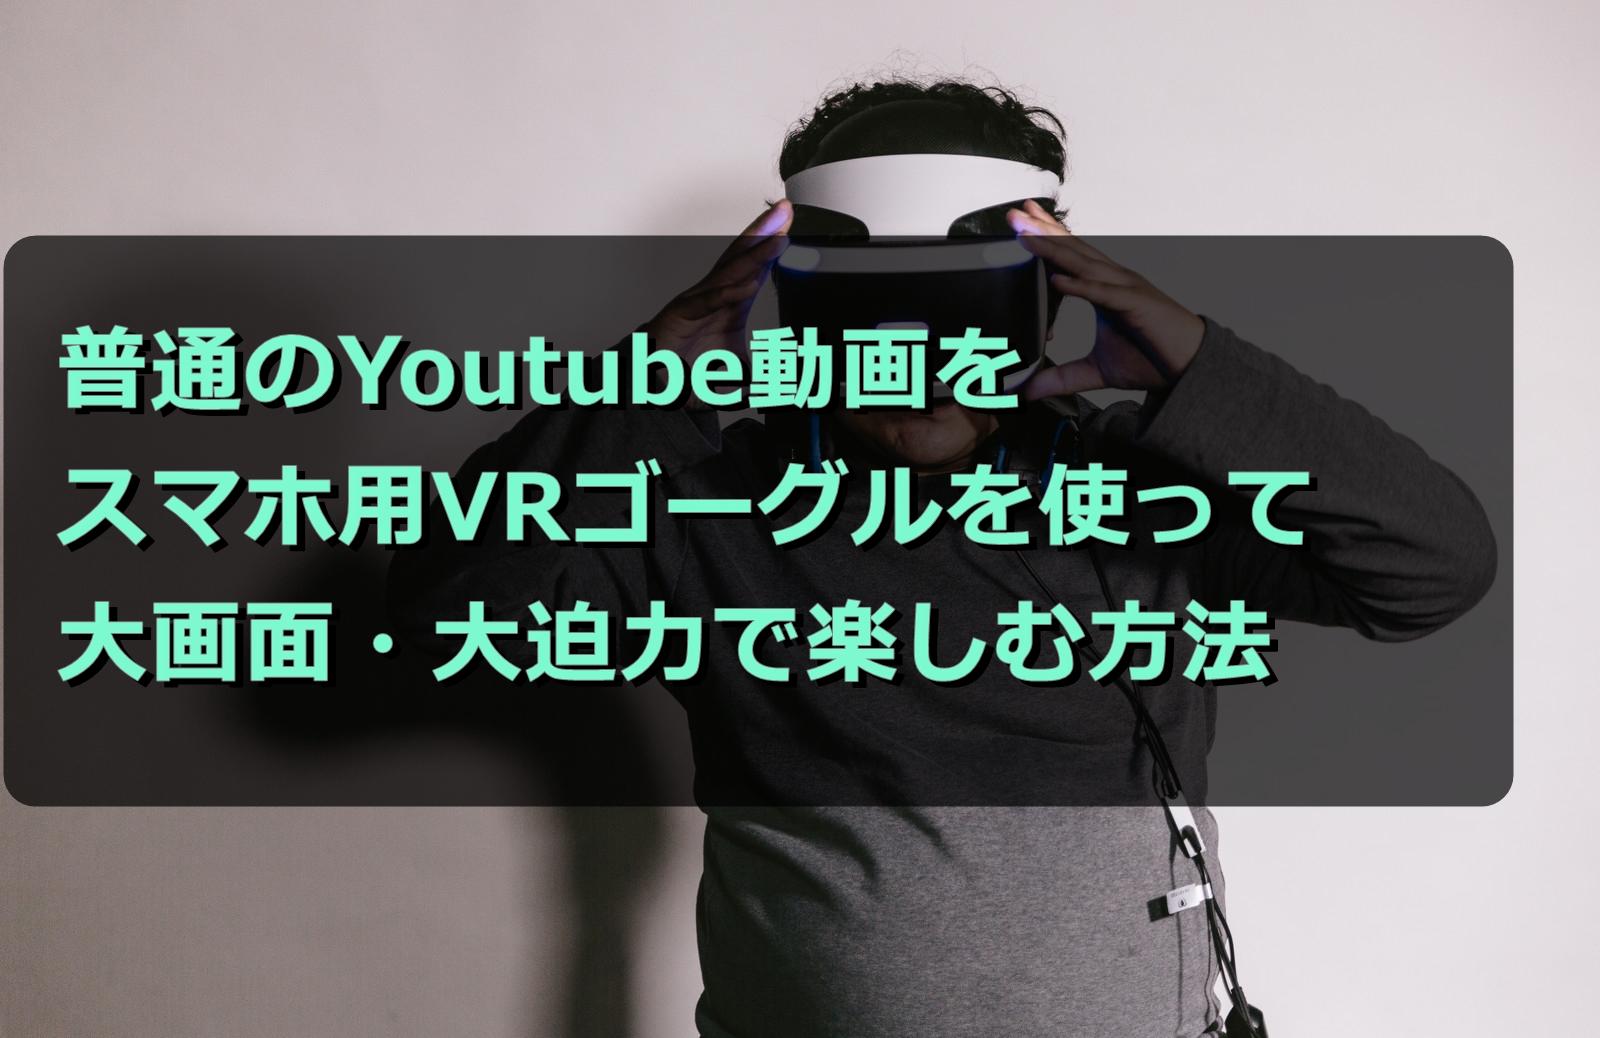 スマホVRの新しい使い方!Youtubeを大画面・大迫力で楽しむ方法